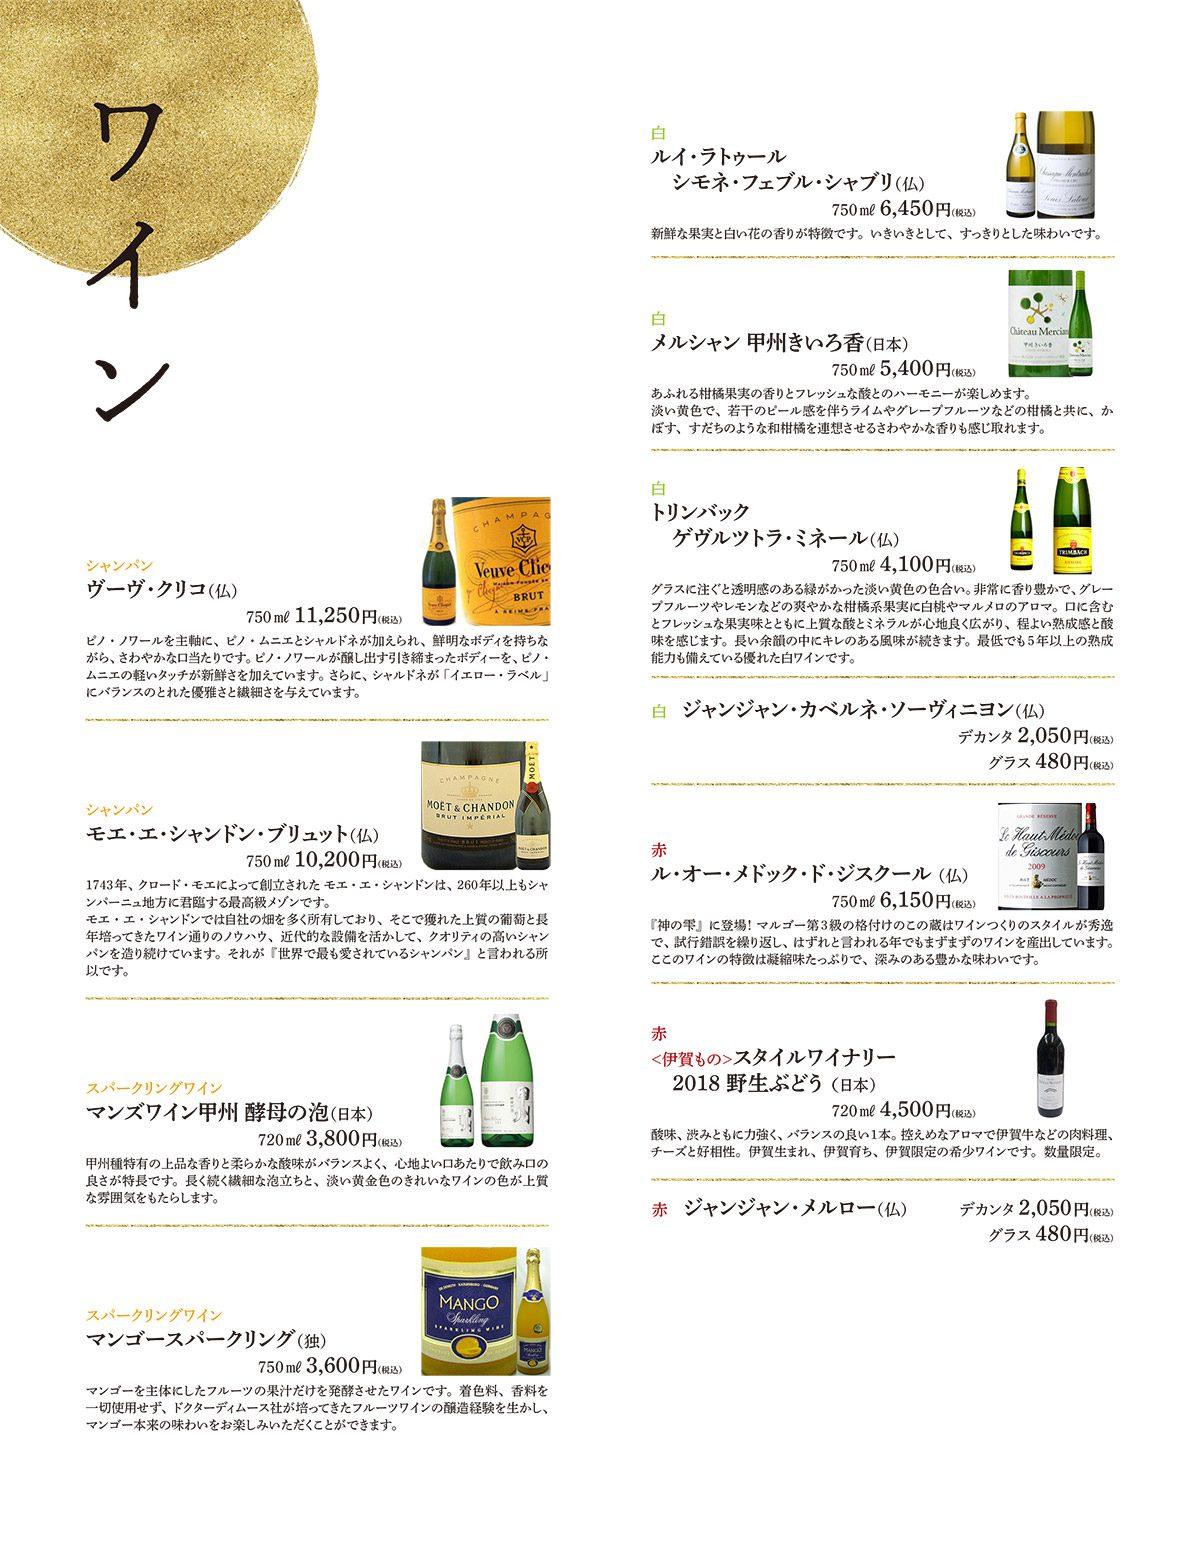 ワインリスト。シャンパン、白、赤を揃えています。地元伊賀で作られた珍しい赤ワインも是非ご賞味ください。